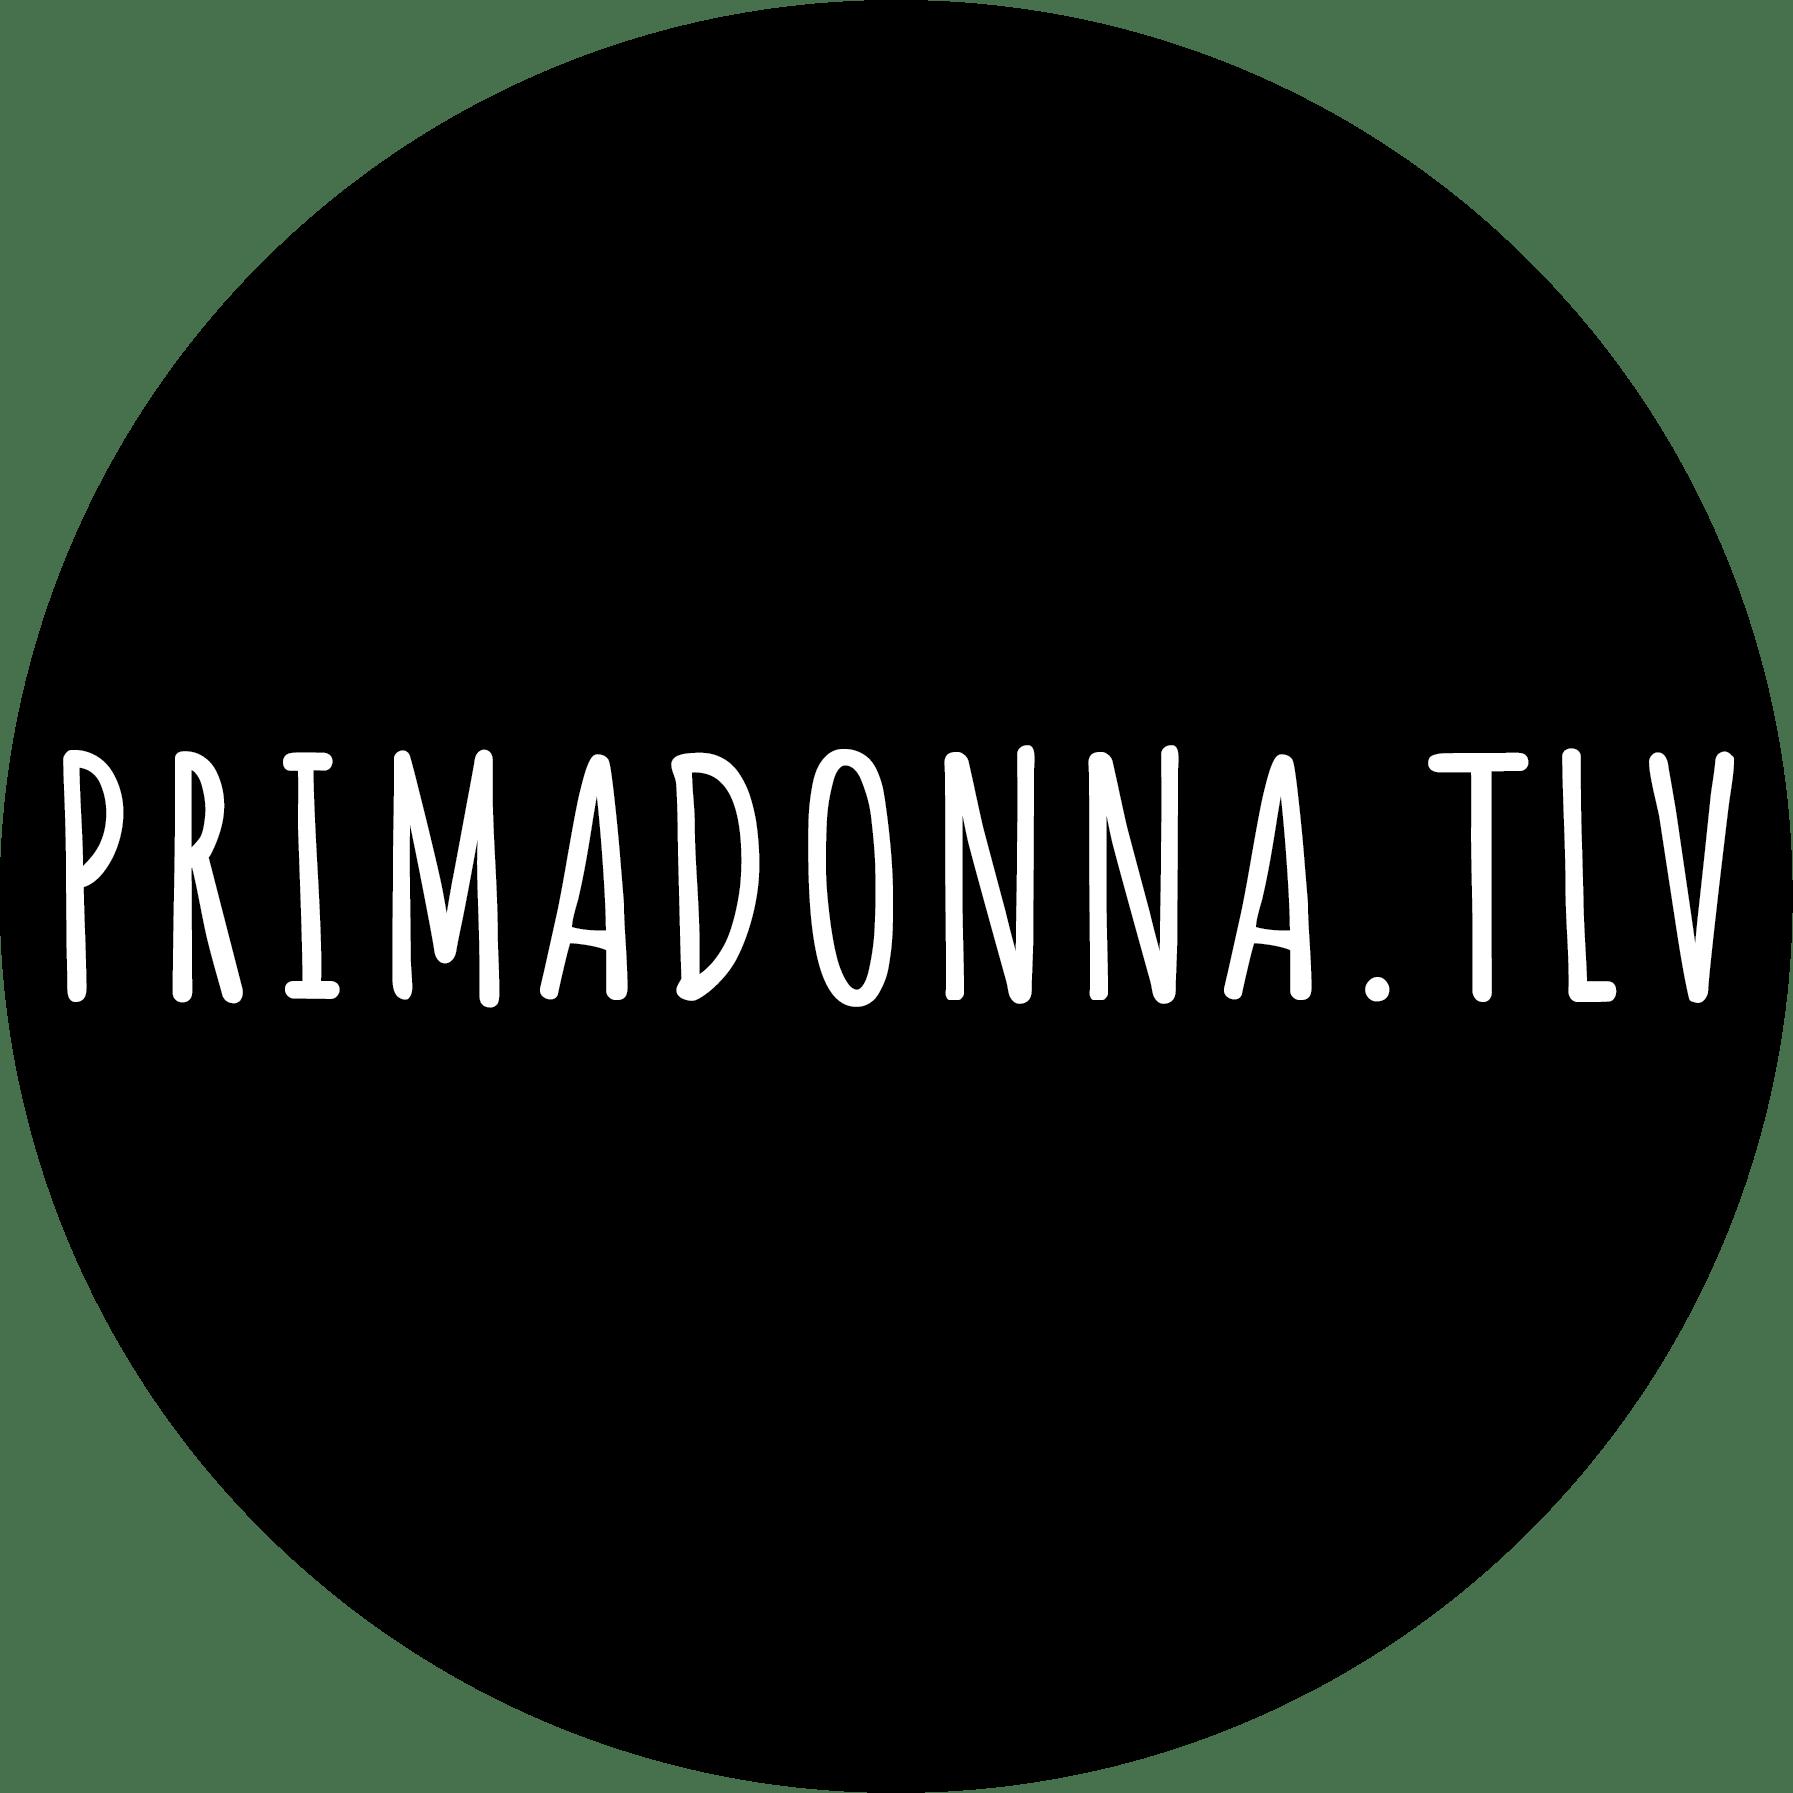 פרימדונה